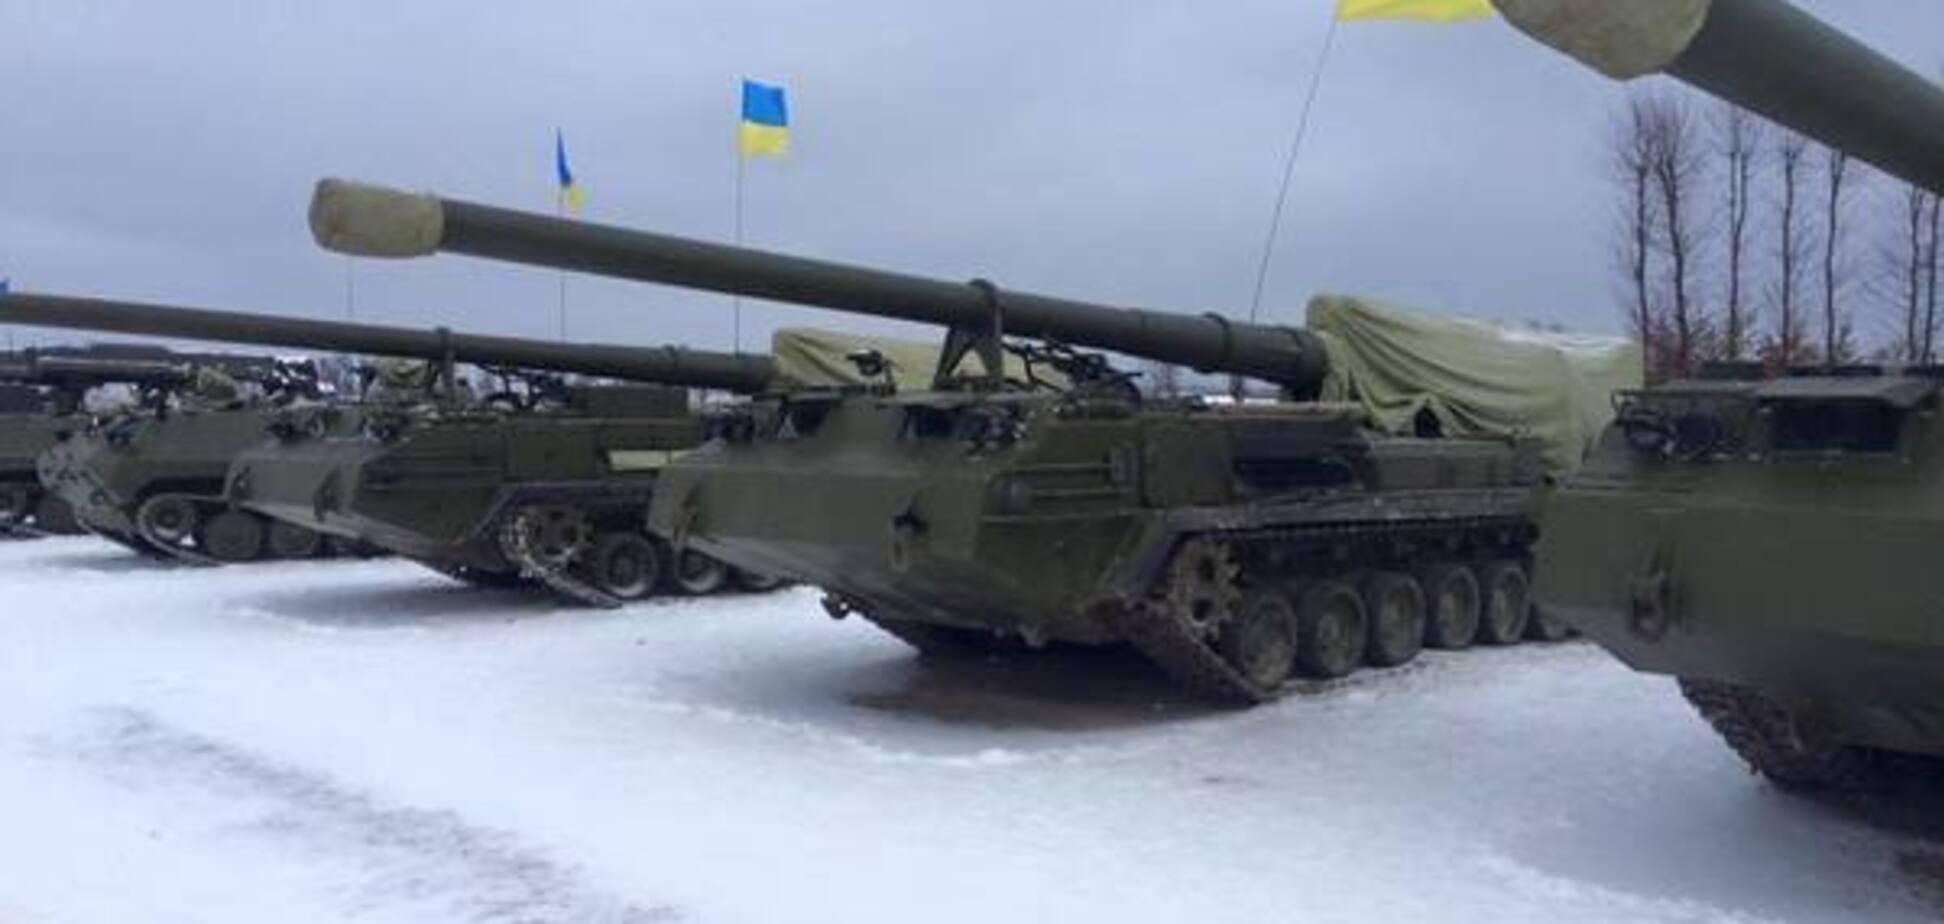 Контроль над 'сірою зоною': радник Порошенка оголосив про прорив ЗСУ на Донбасі